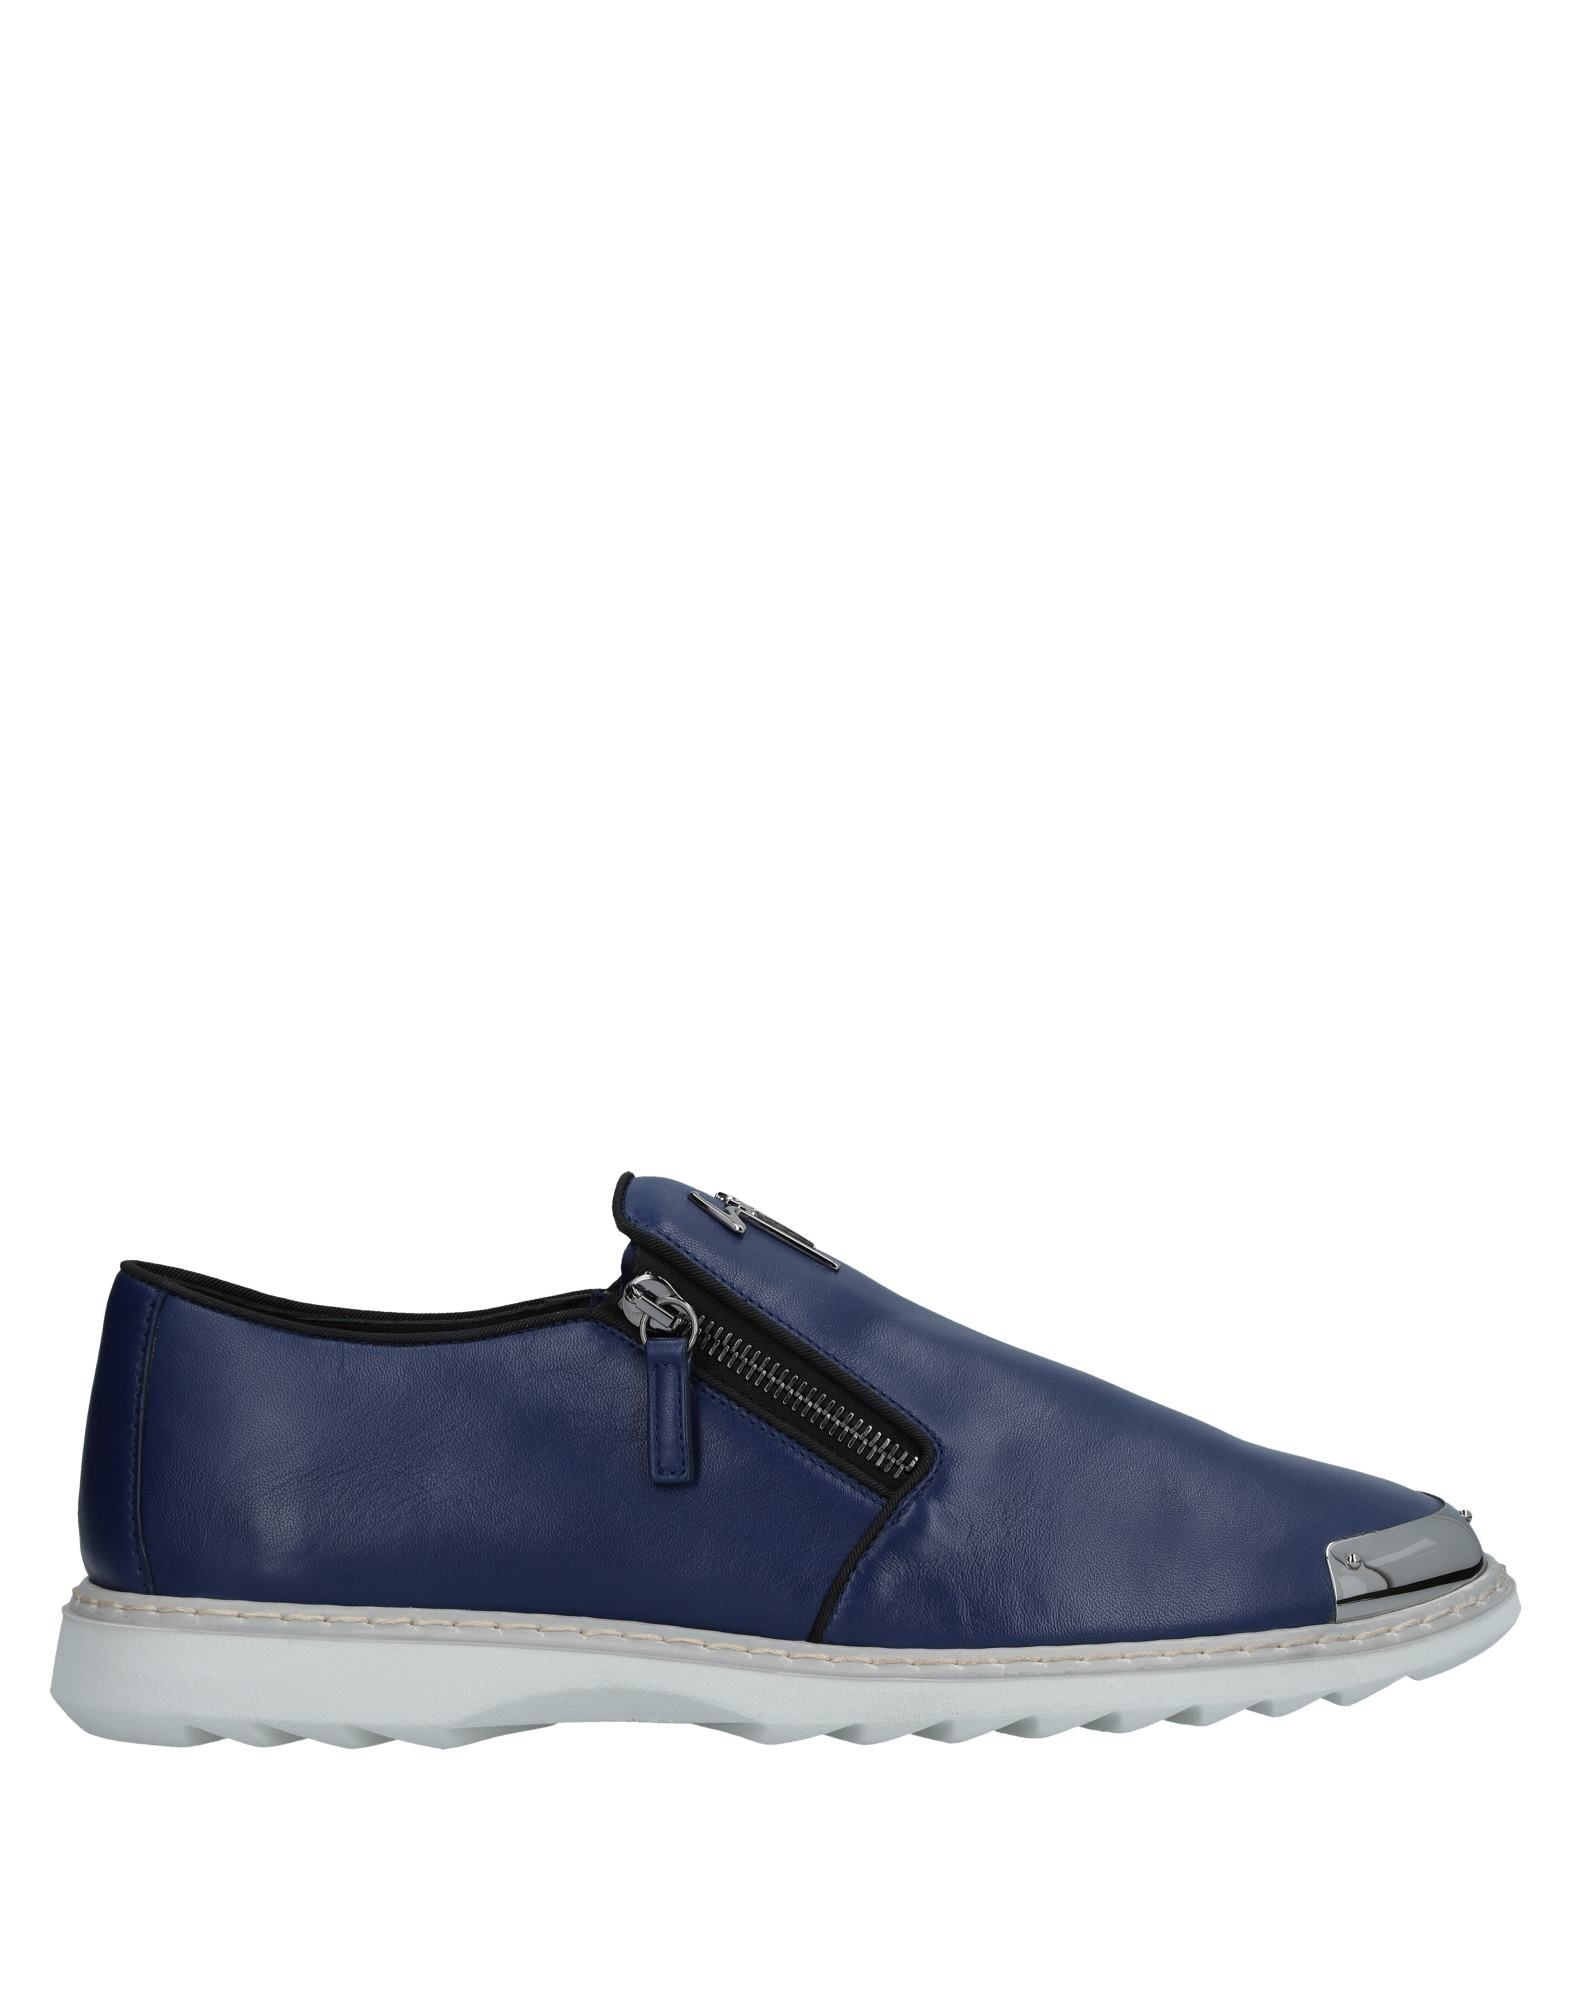 Sneakers Giuseppe Zanotti Homme - Sneakers Giuseppe Zanotti  Bleu Nouvelles chaussures pour hommes et femmes, remise limitée dans le temps